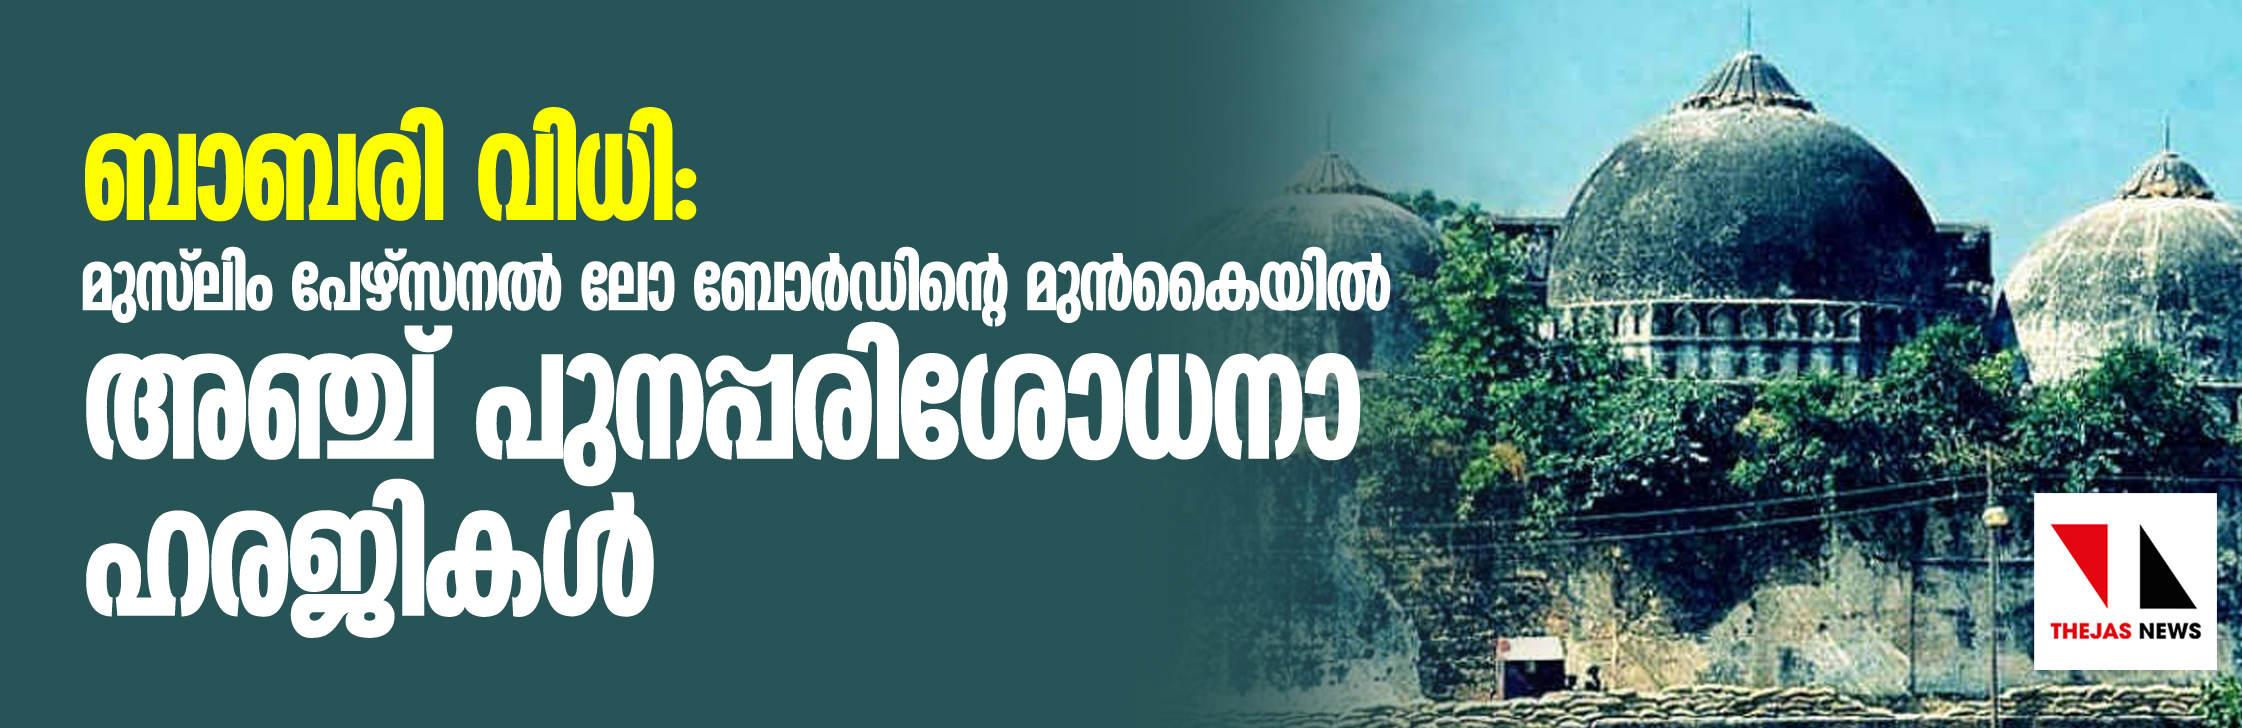 ബാബരി വിധി: മുസ്ലിം പേഴ്സനല് ലോ ബോര്ഡിന്റെ മുന്കൈയില് അഞ്ച് പുനപ്പരിശോധനാ ഹരജികള്